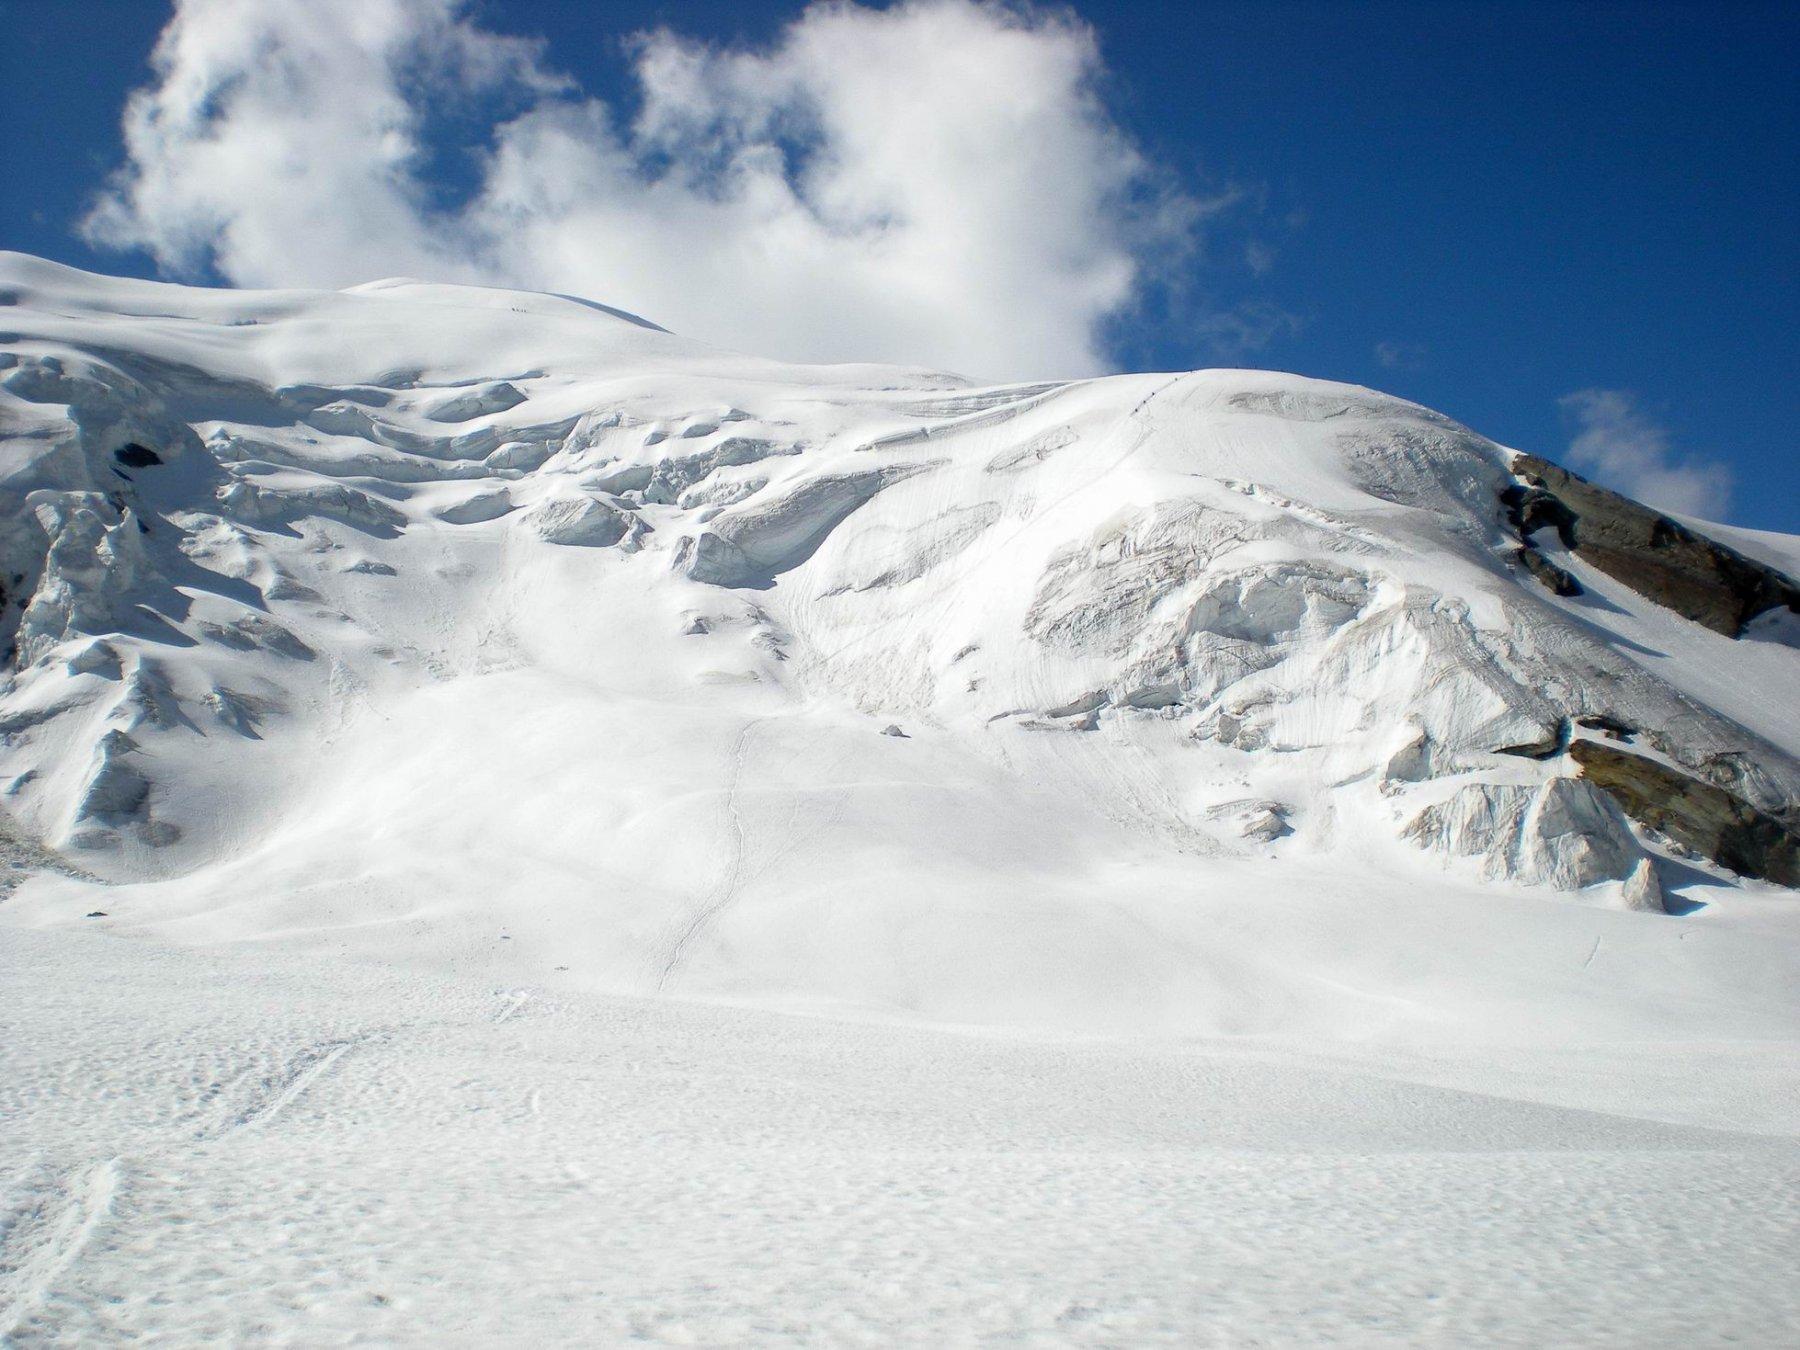 Parte bassa del ghiacciaio verso Hohsaas nel 2009